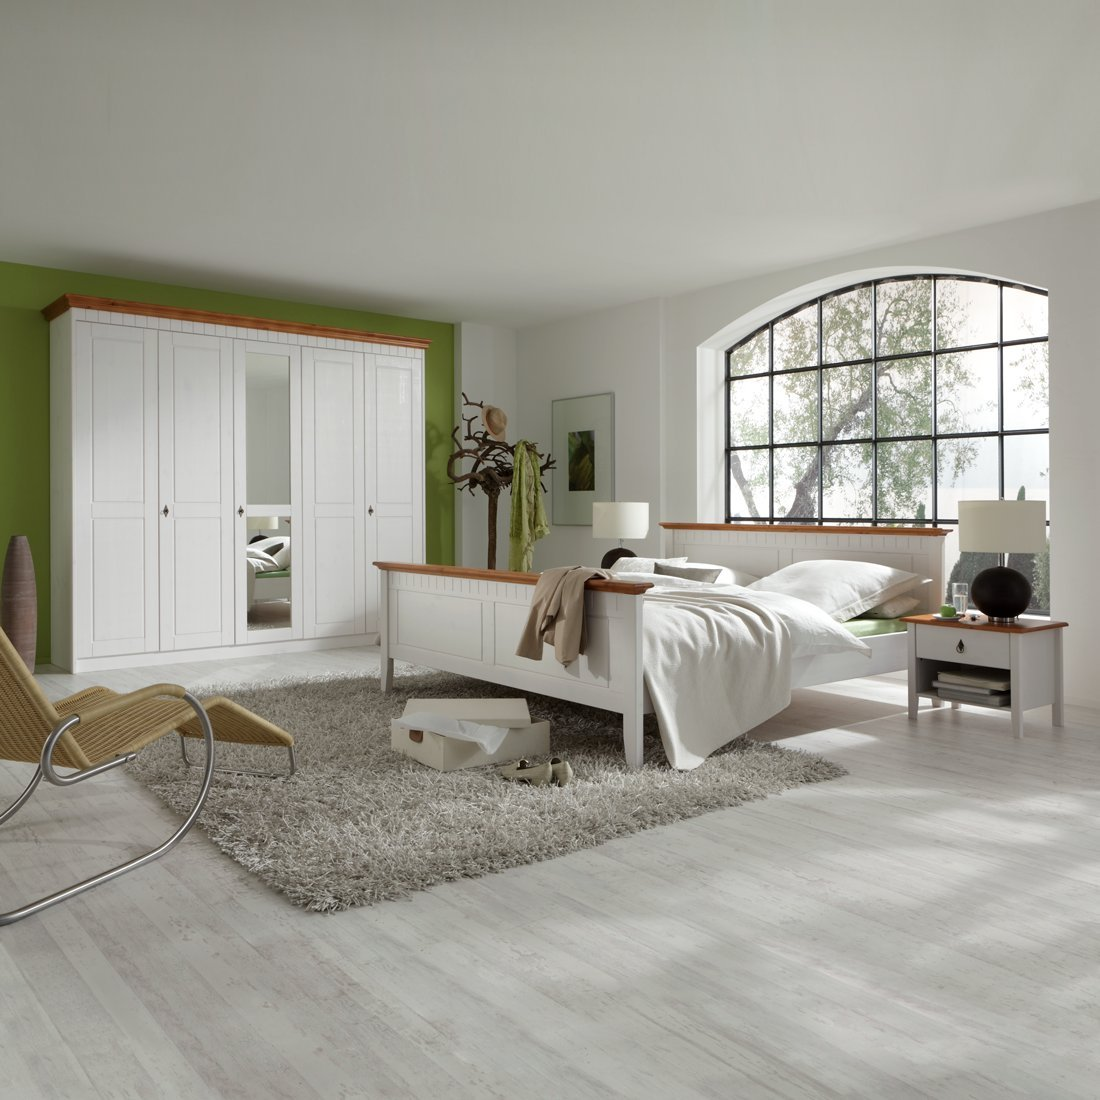 Forestdream 802501 Luigi Pine massiv bernsteinfarben Schlafzimmer, weiß lasiert